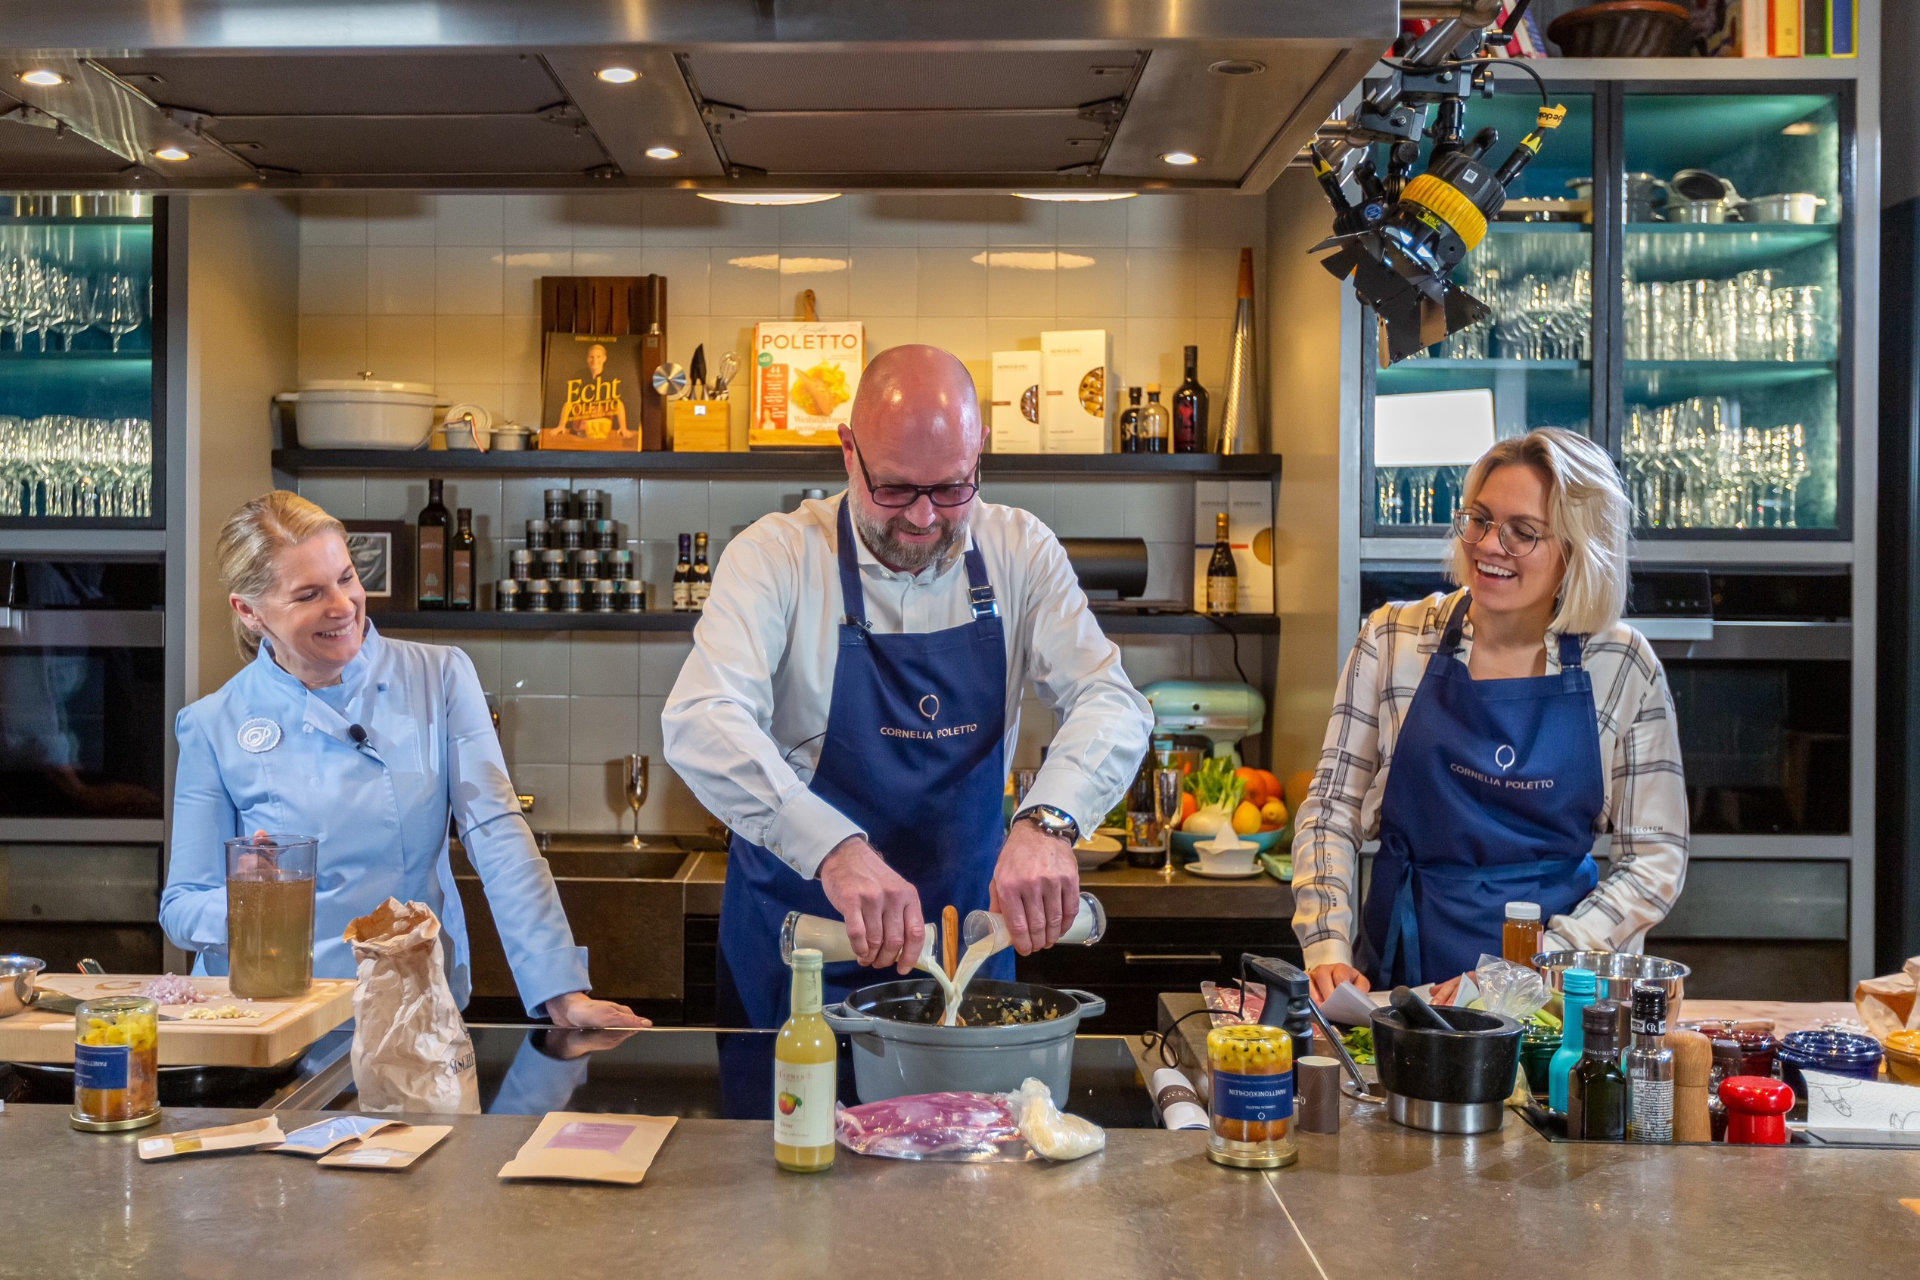 Cornelia Poletto mit Gästen in der Showküche